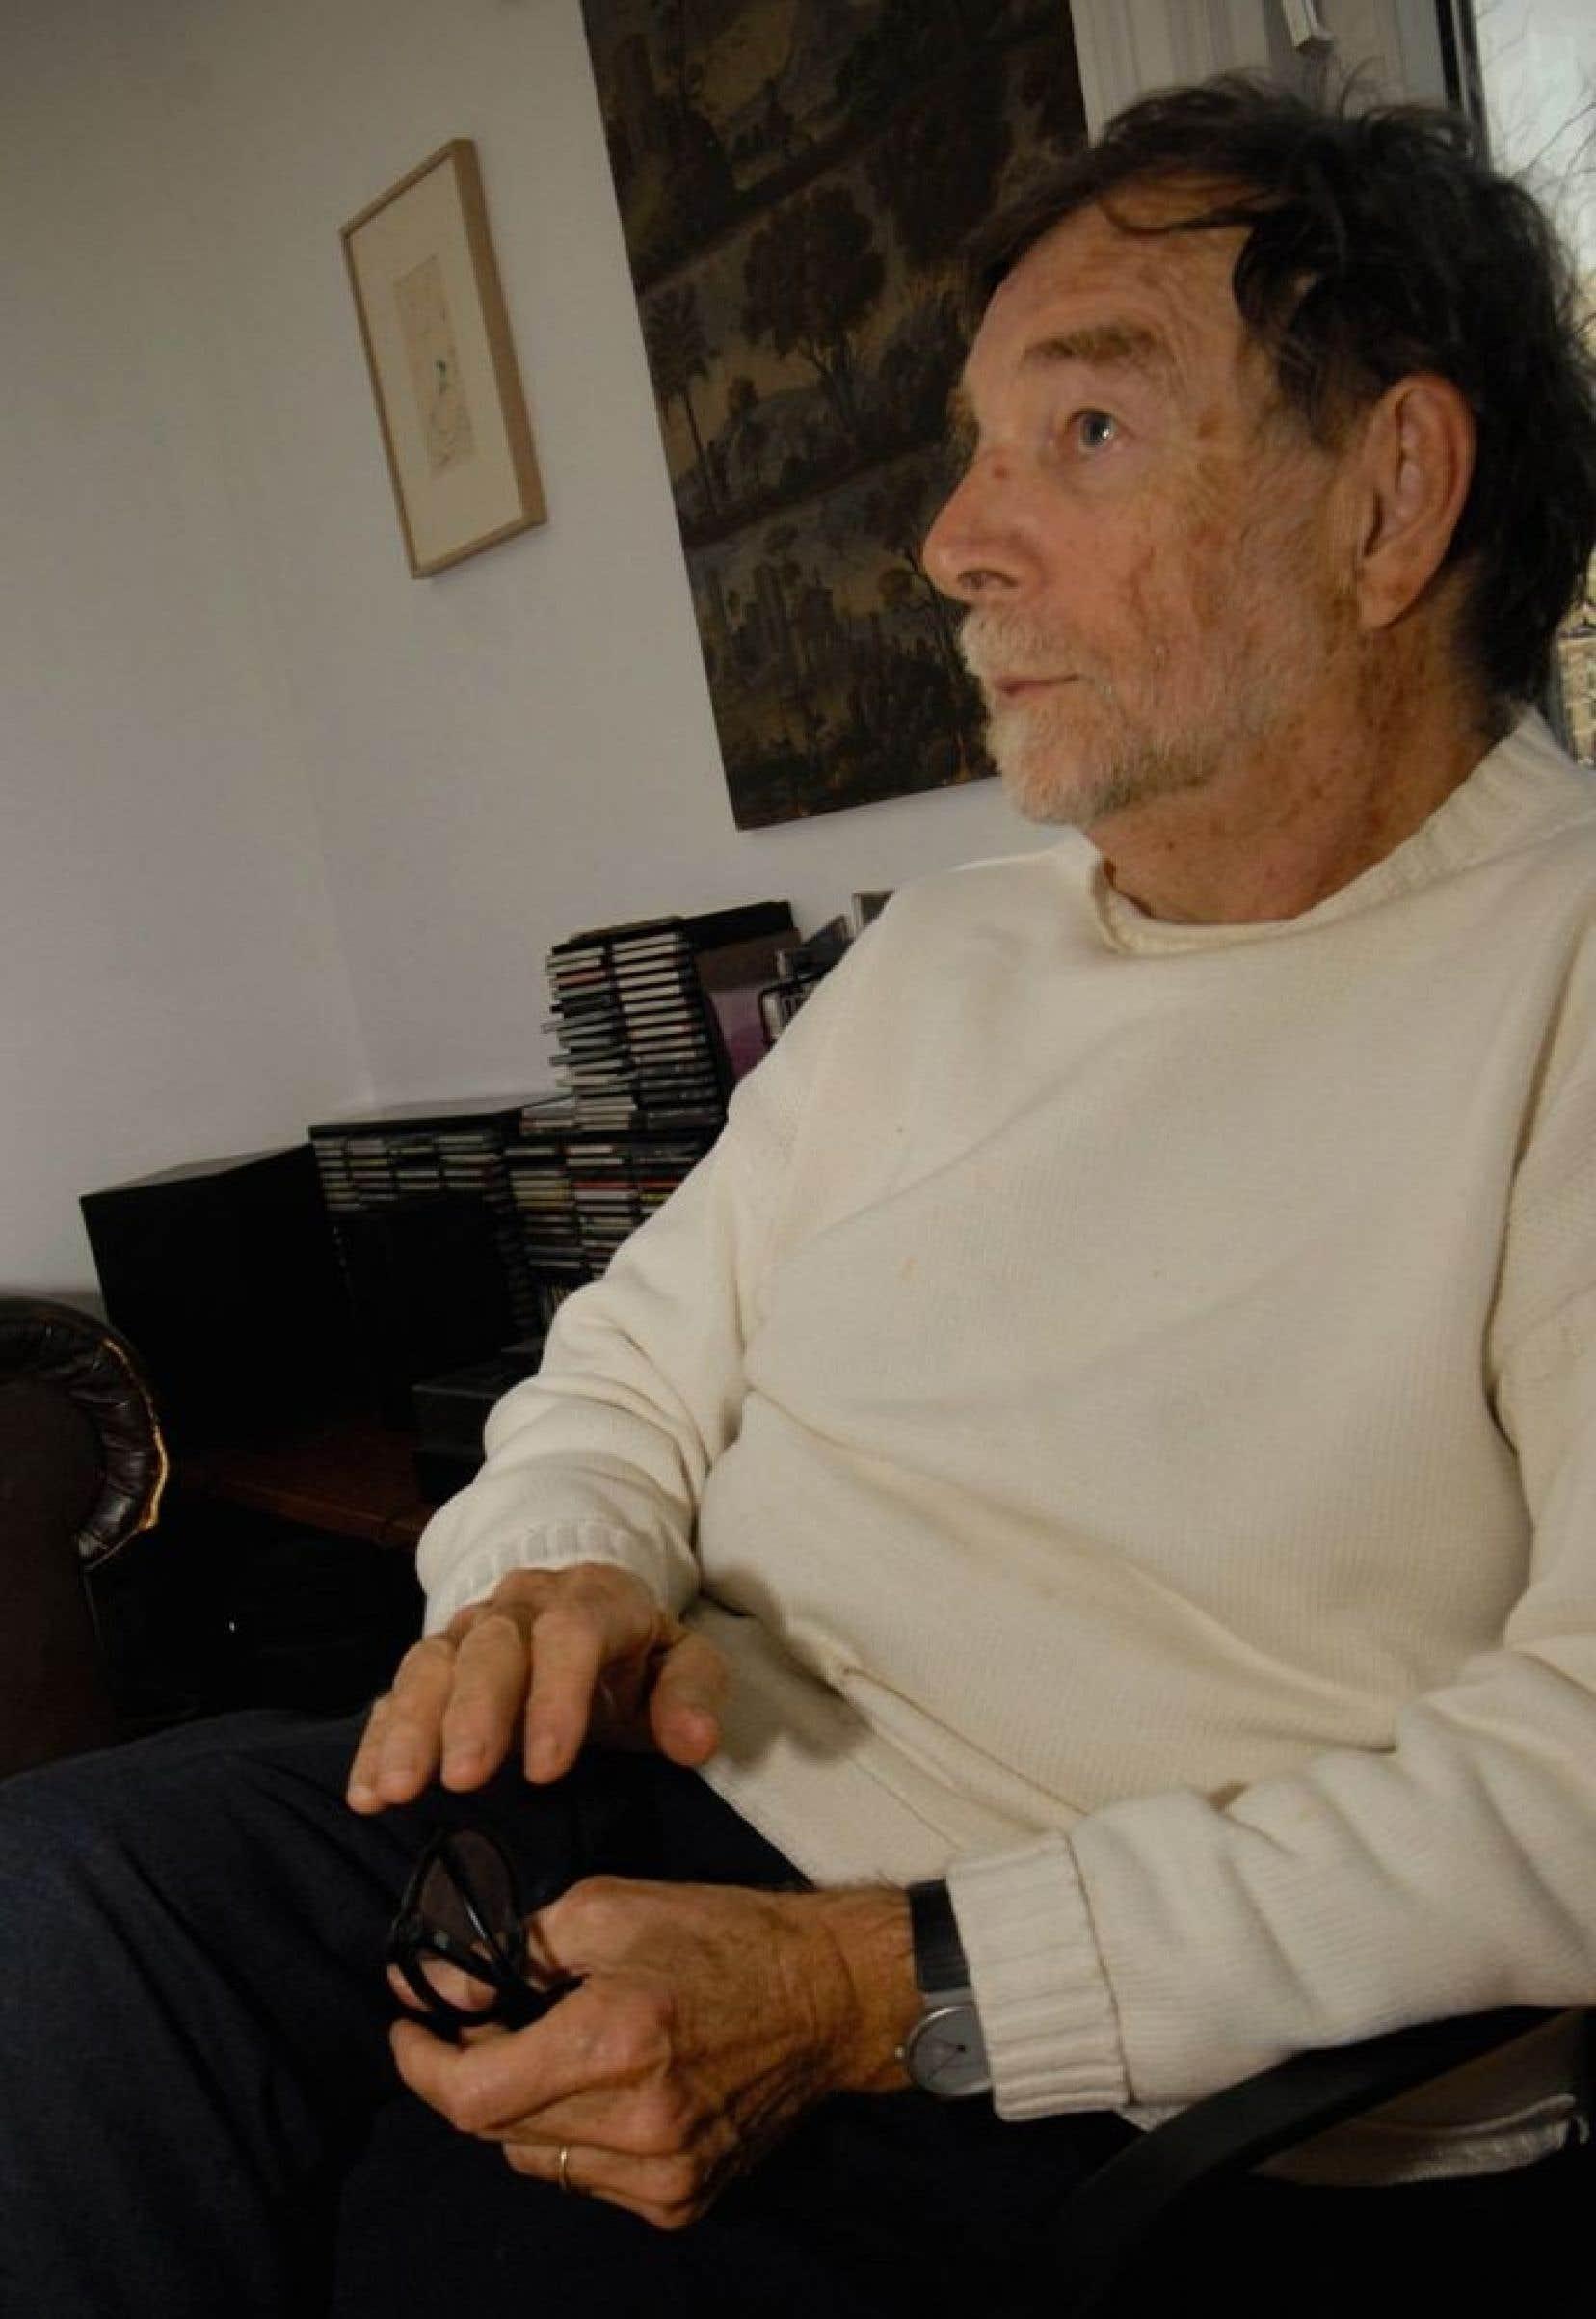 L'éditeur André Schiffrin est décédé à 78 ans d'un cancer du pancréas.